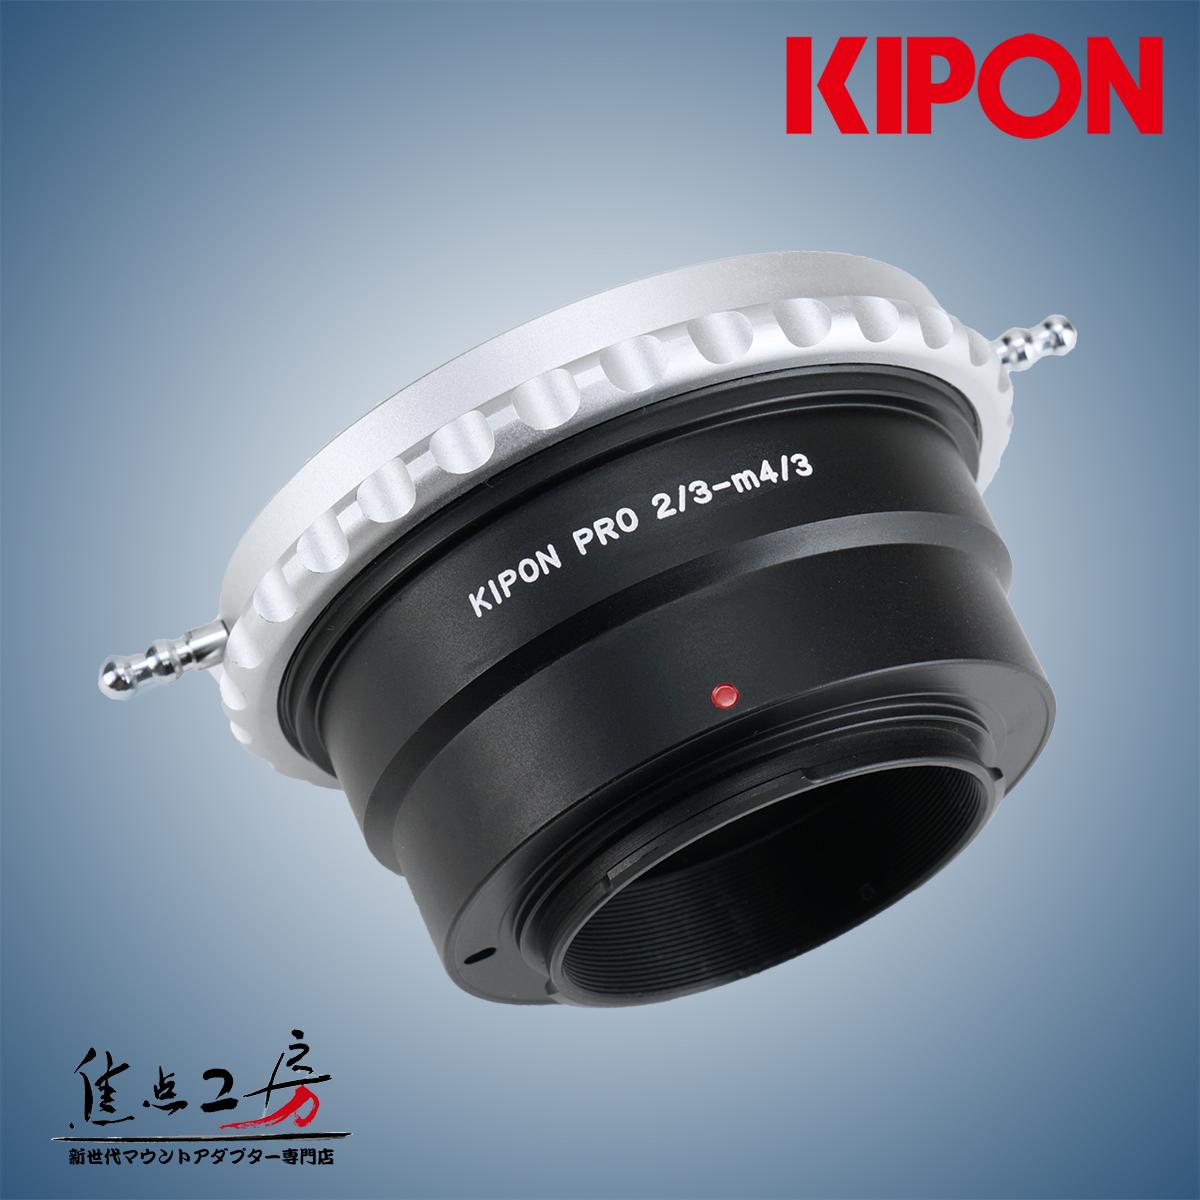 マウントアダプター KIPON 2/3-m4/3 B4・ENGマウントレンズ - マイクロフォーサーズマウントカメラ